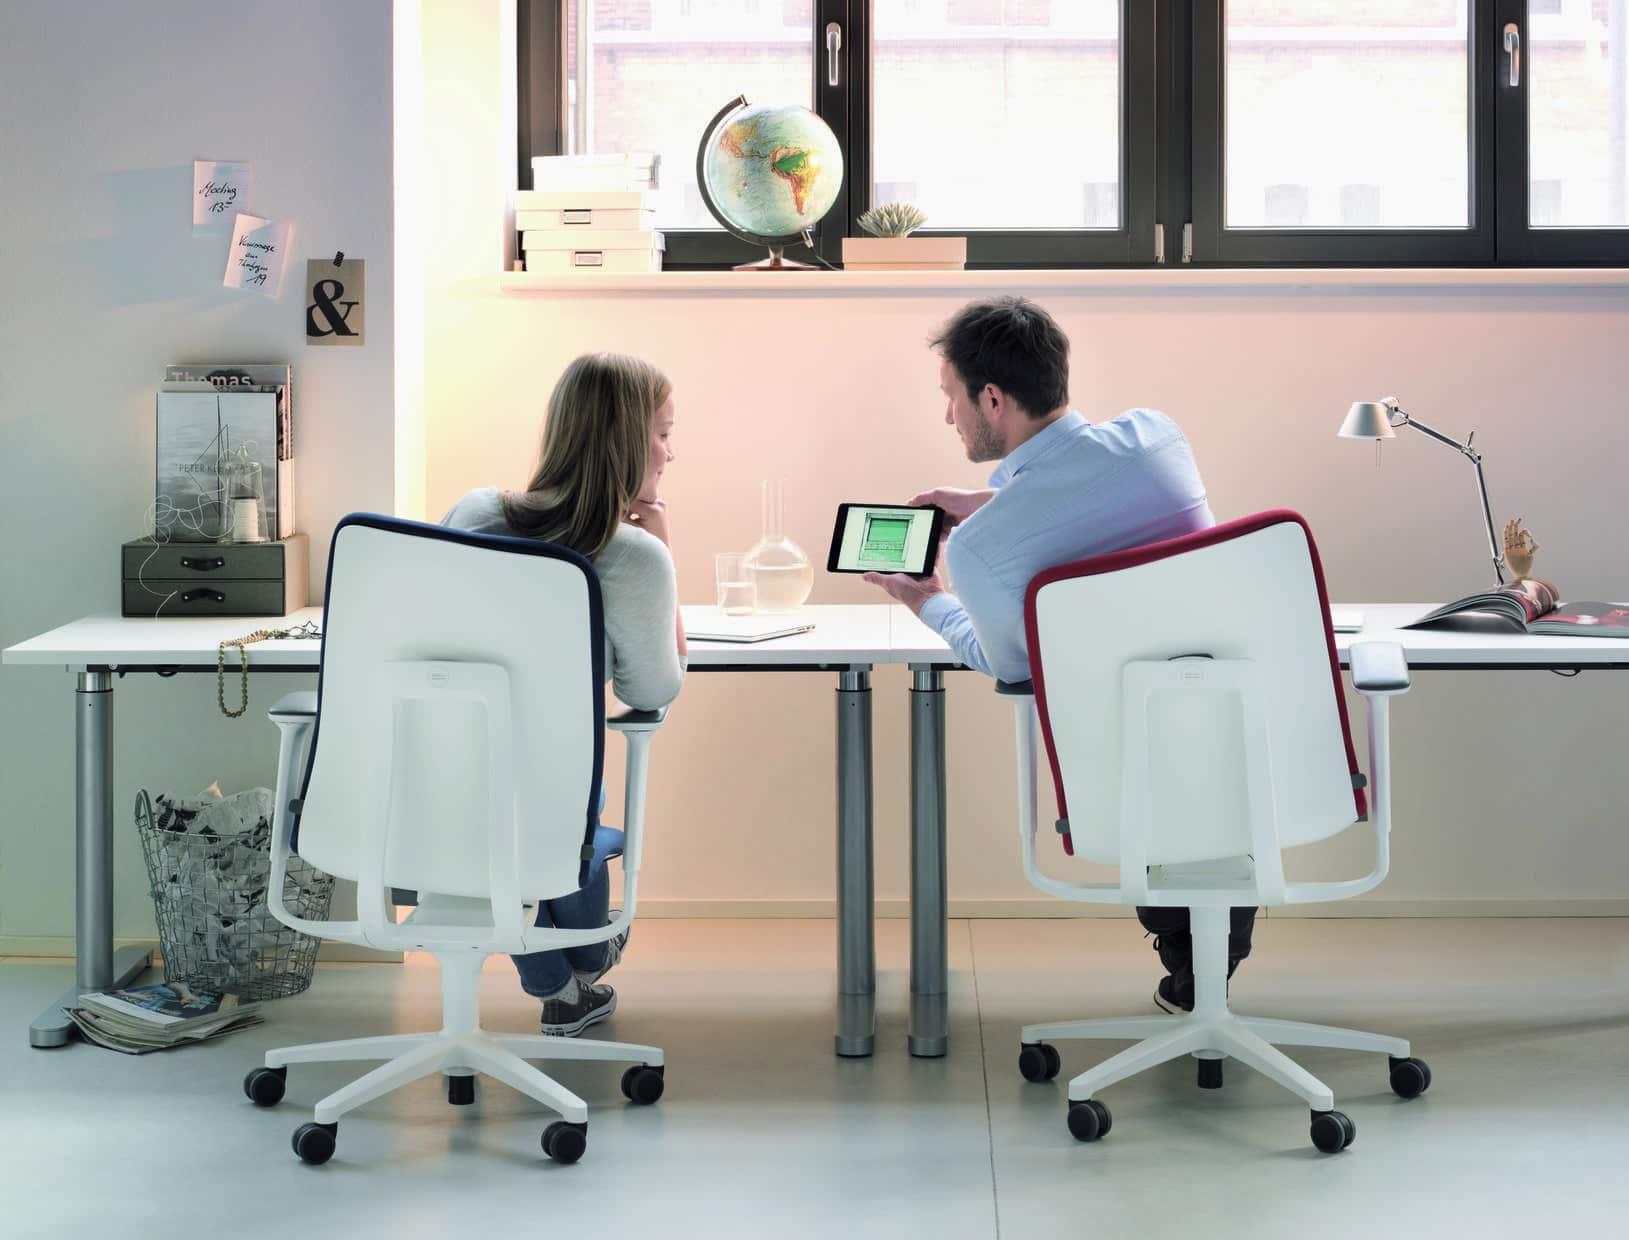 Drehstuhl, ergonomisch, sitzen, Design, einstellbar, Trimension, Wilkhahn